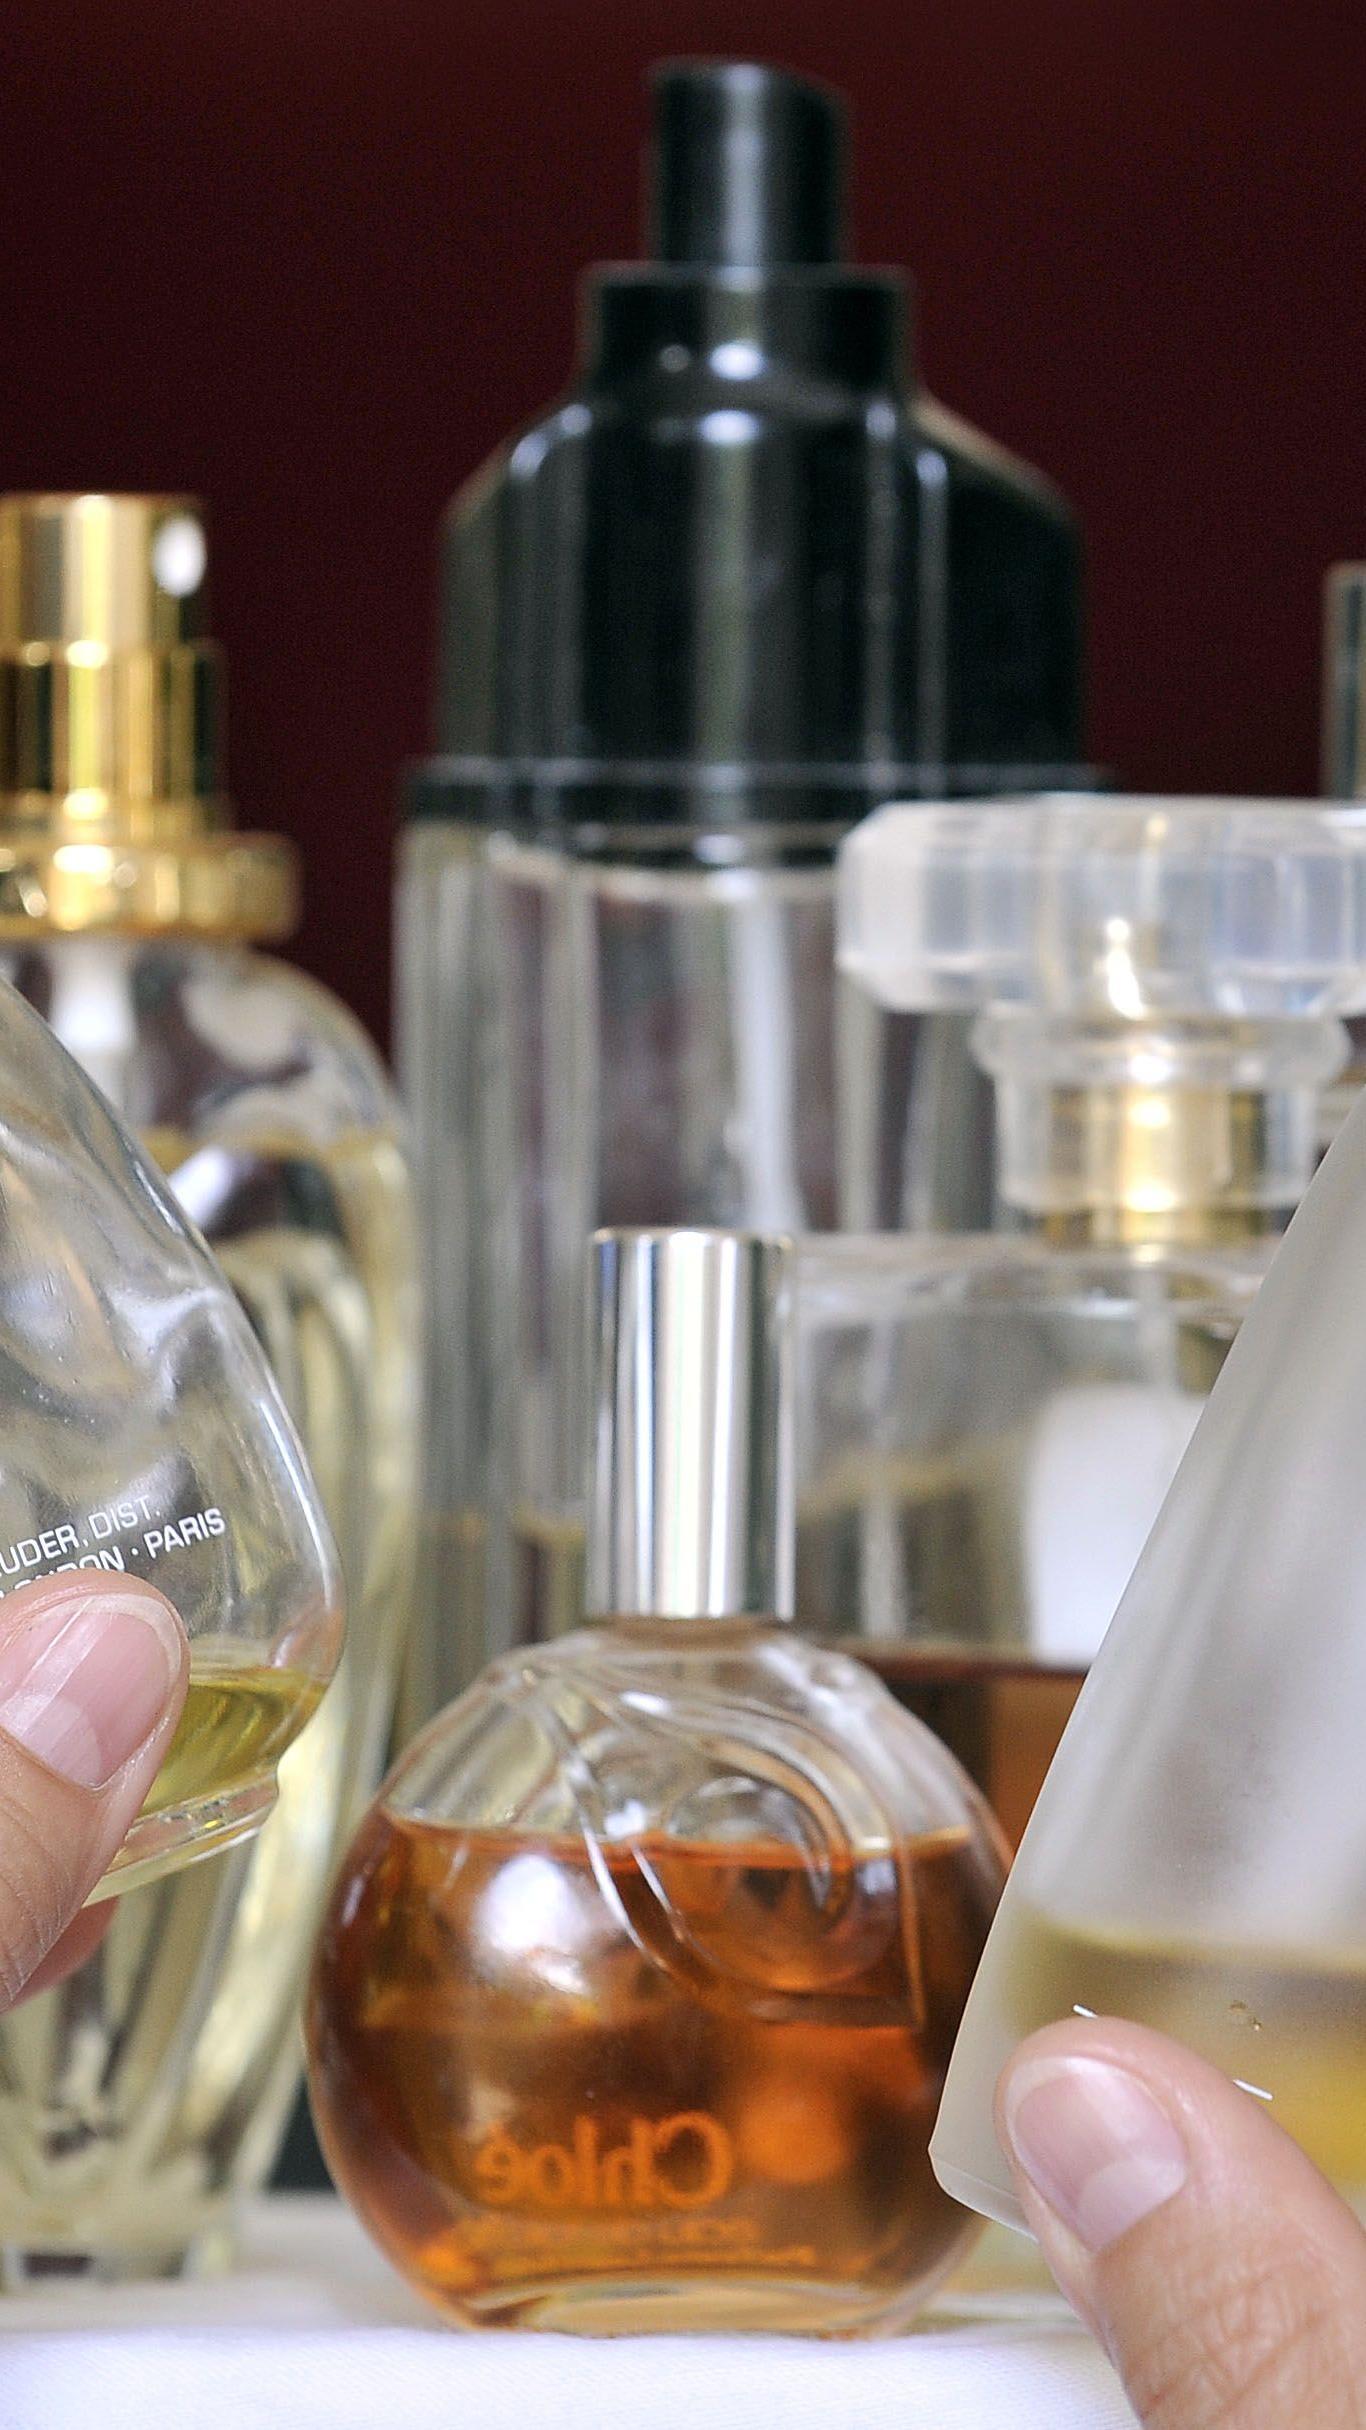 Das sind die Parfum-Trends für den Frühling 2015.